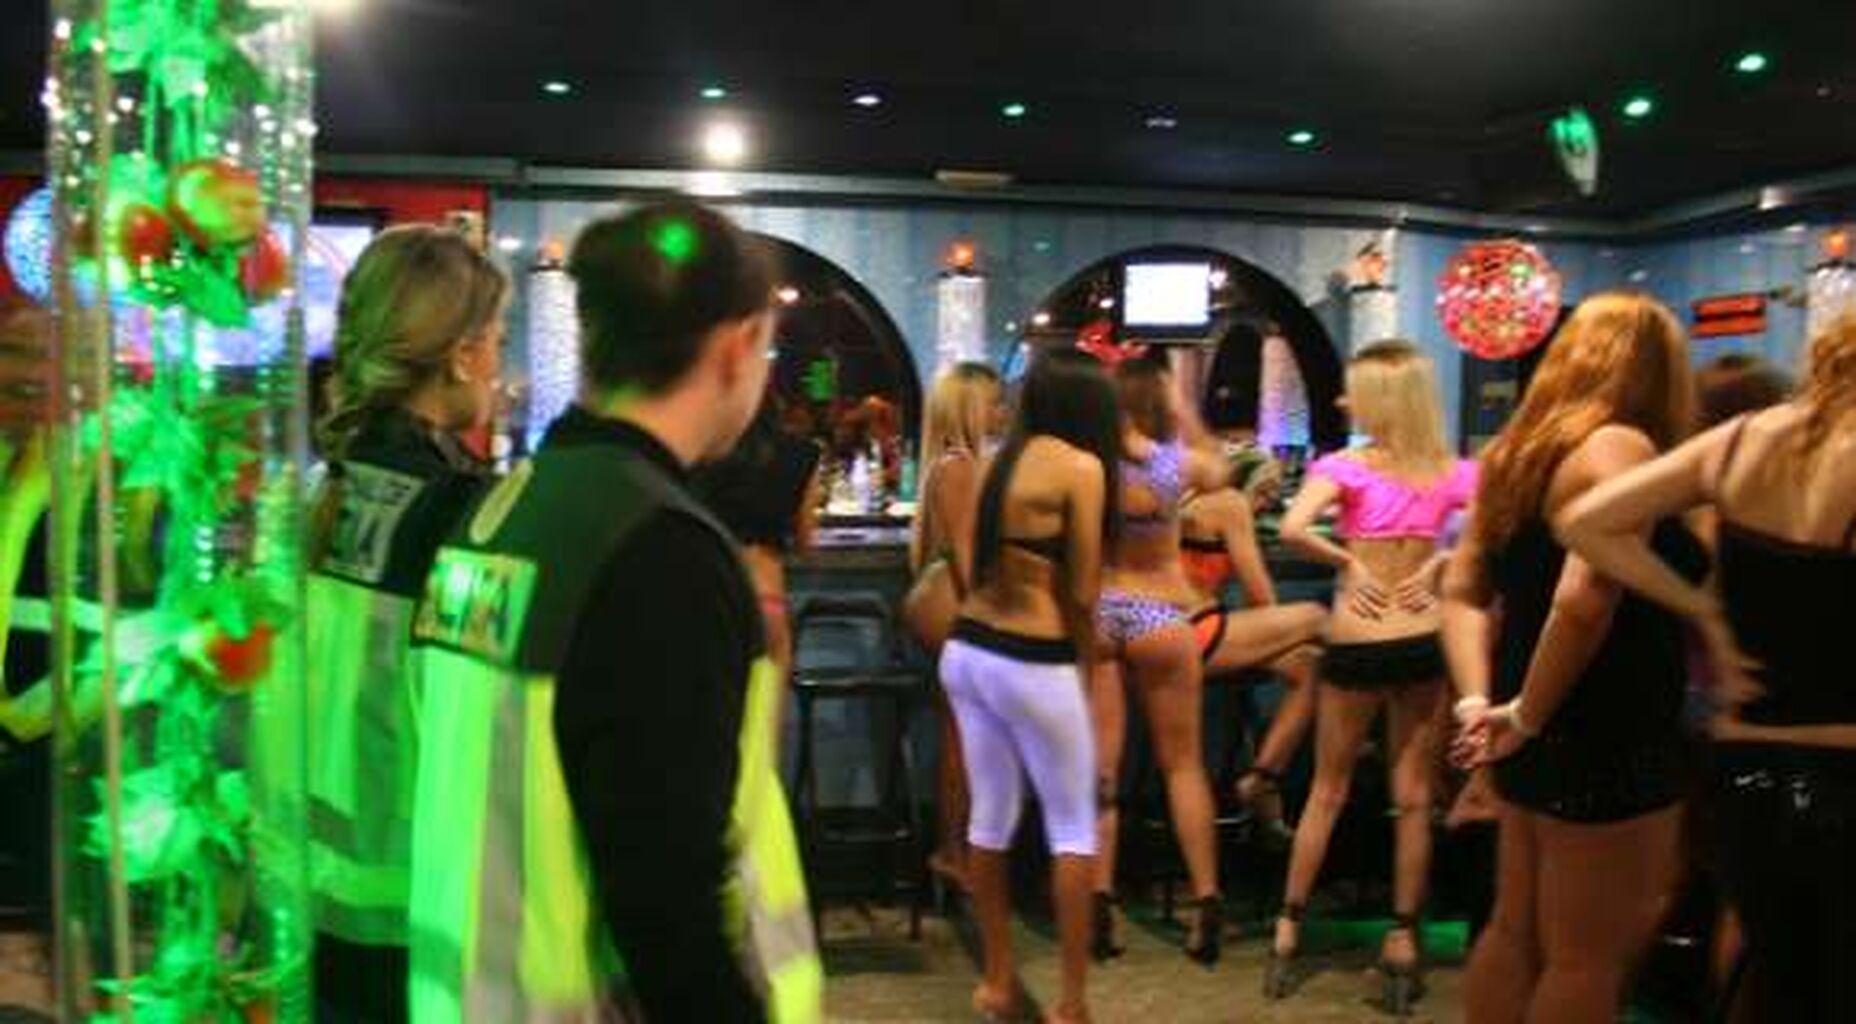 prostitutas danesas que significa prostibulo